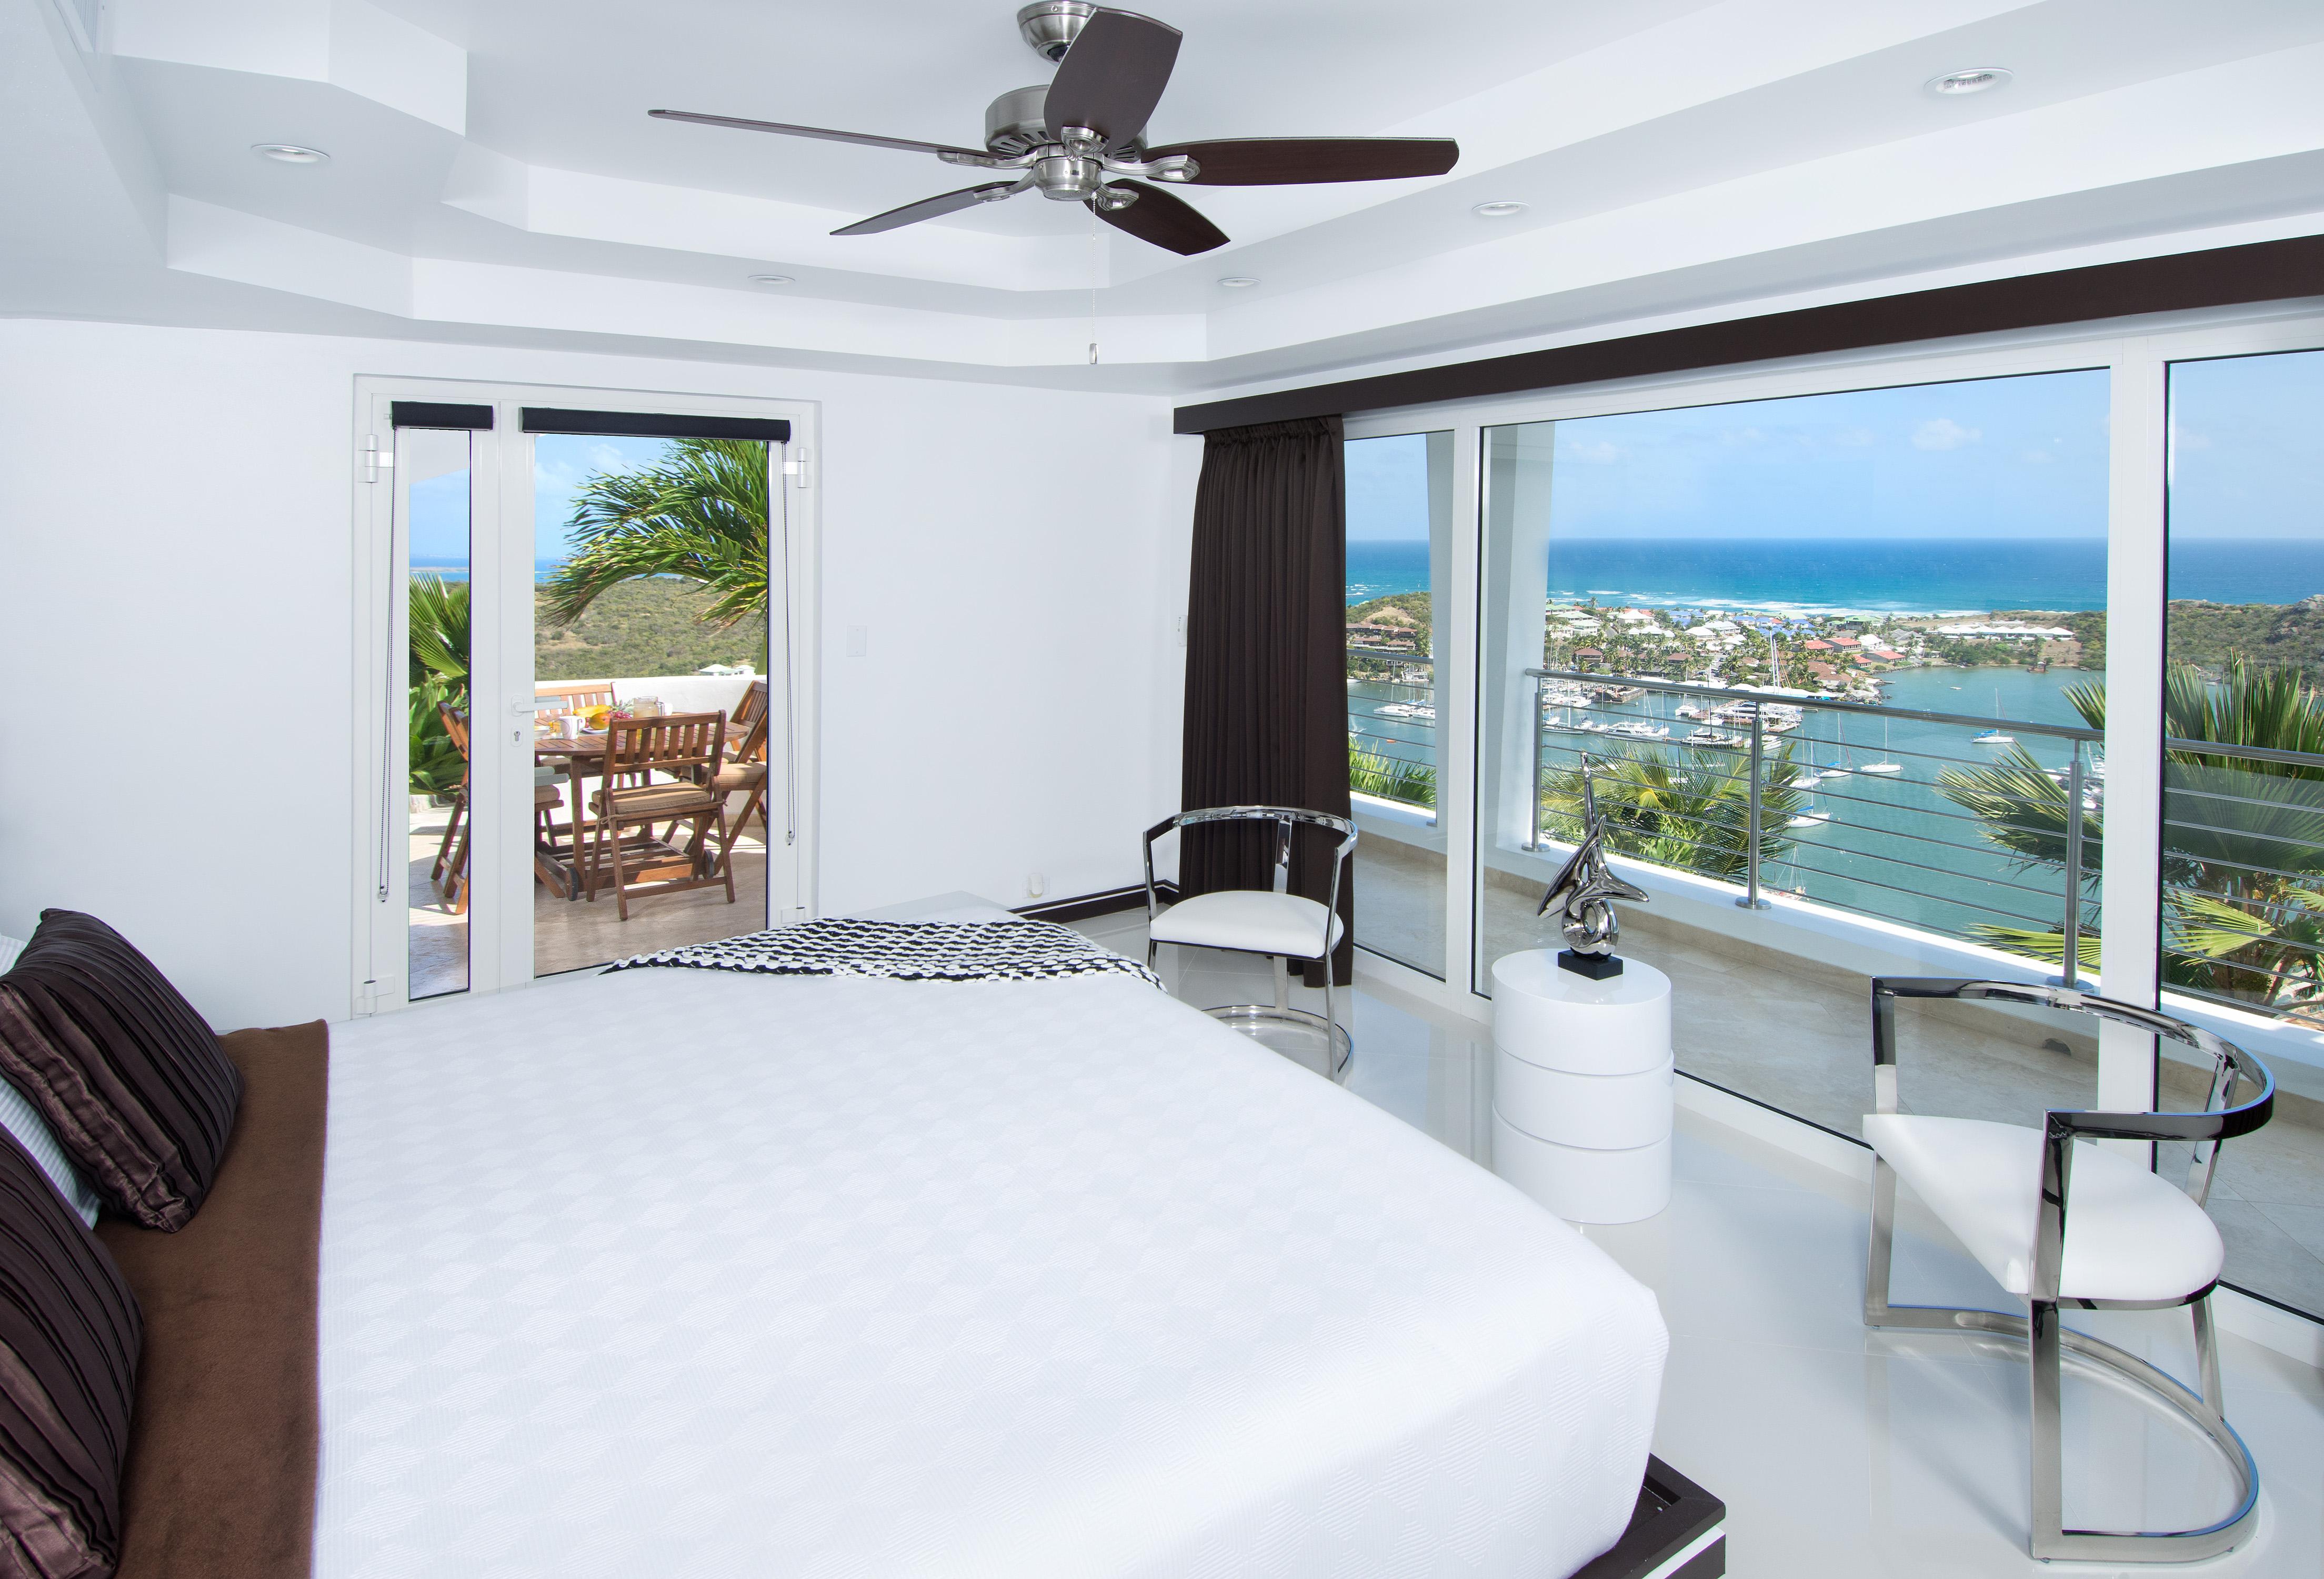 SM101 Guest Bedroom 3